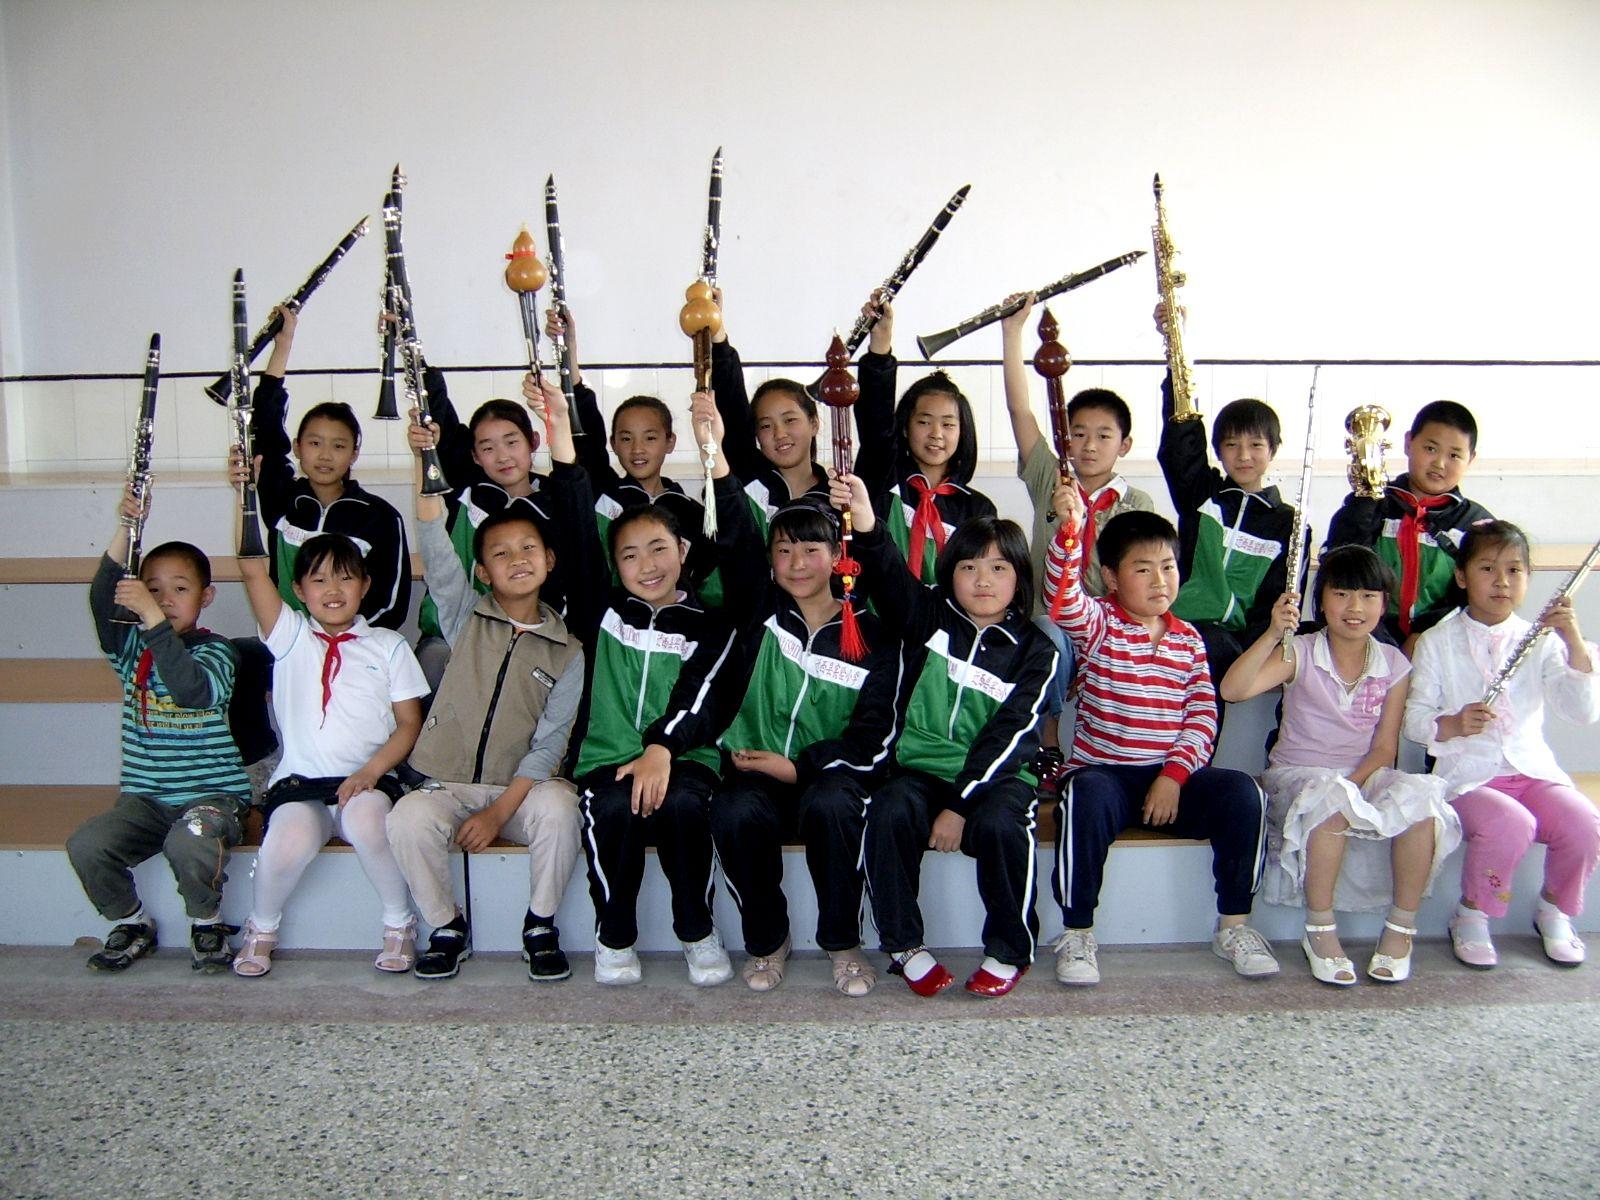 单簧管入门-单簧管演奏波尔卡 单簧管波尔卡简谱 单簧管波尔卡